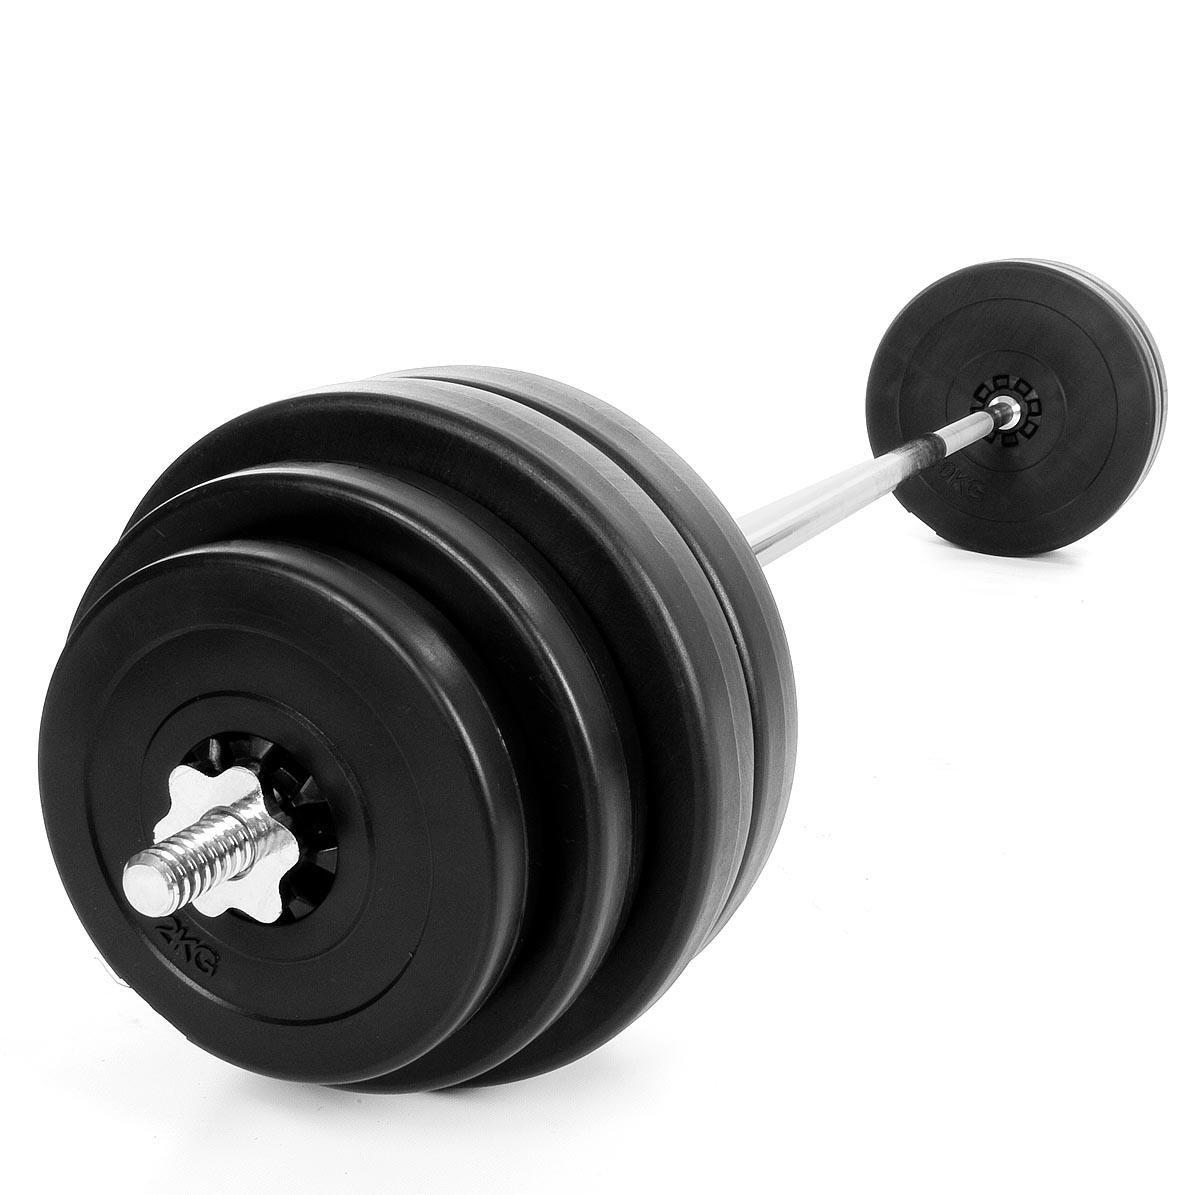 Kinetic Sports Langhantel Set 60 kg Hantel Gewichte Hantelscheiben (4 x 10 kg, 2 x 5 kg, 2 x 2 kg)